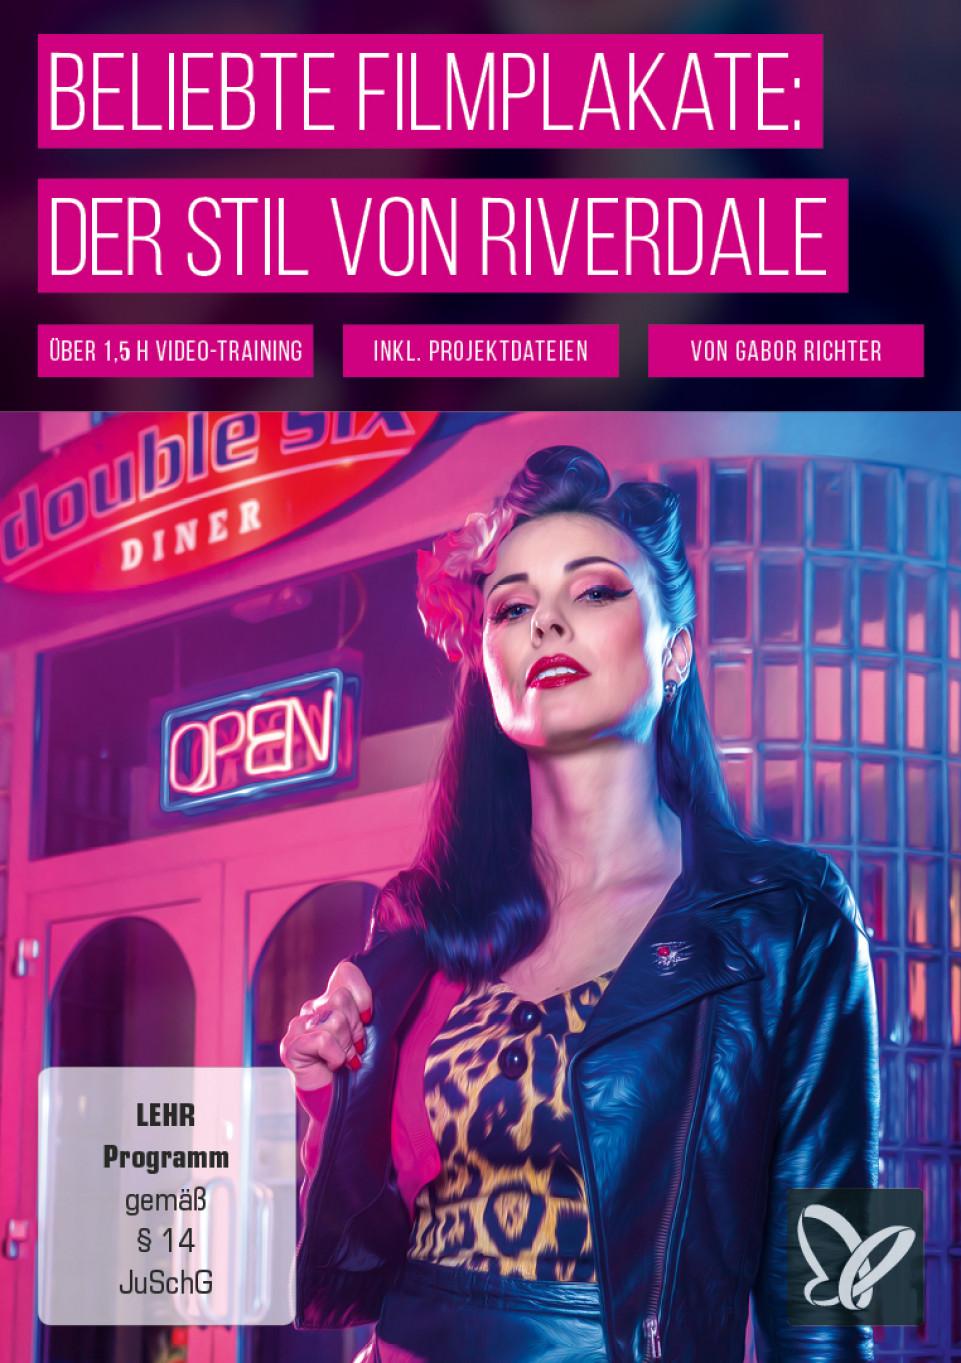 Filmplakat erstellen im Stil von Riverdale – das Photoshop-Tutorial